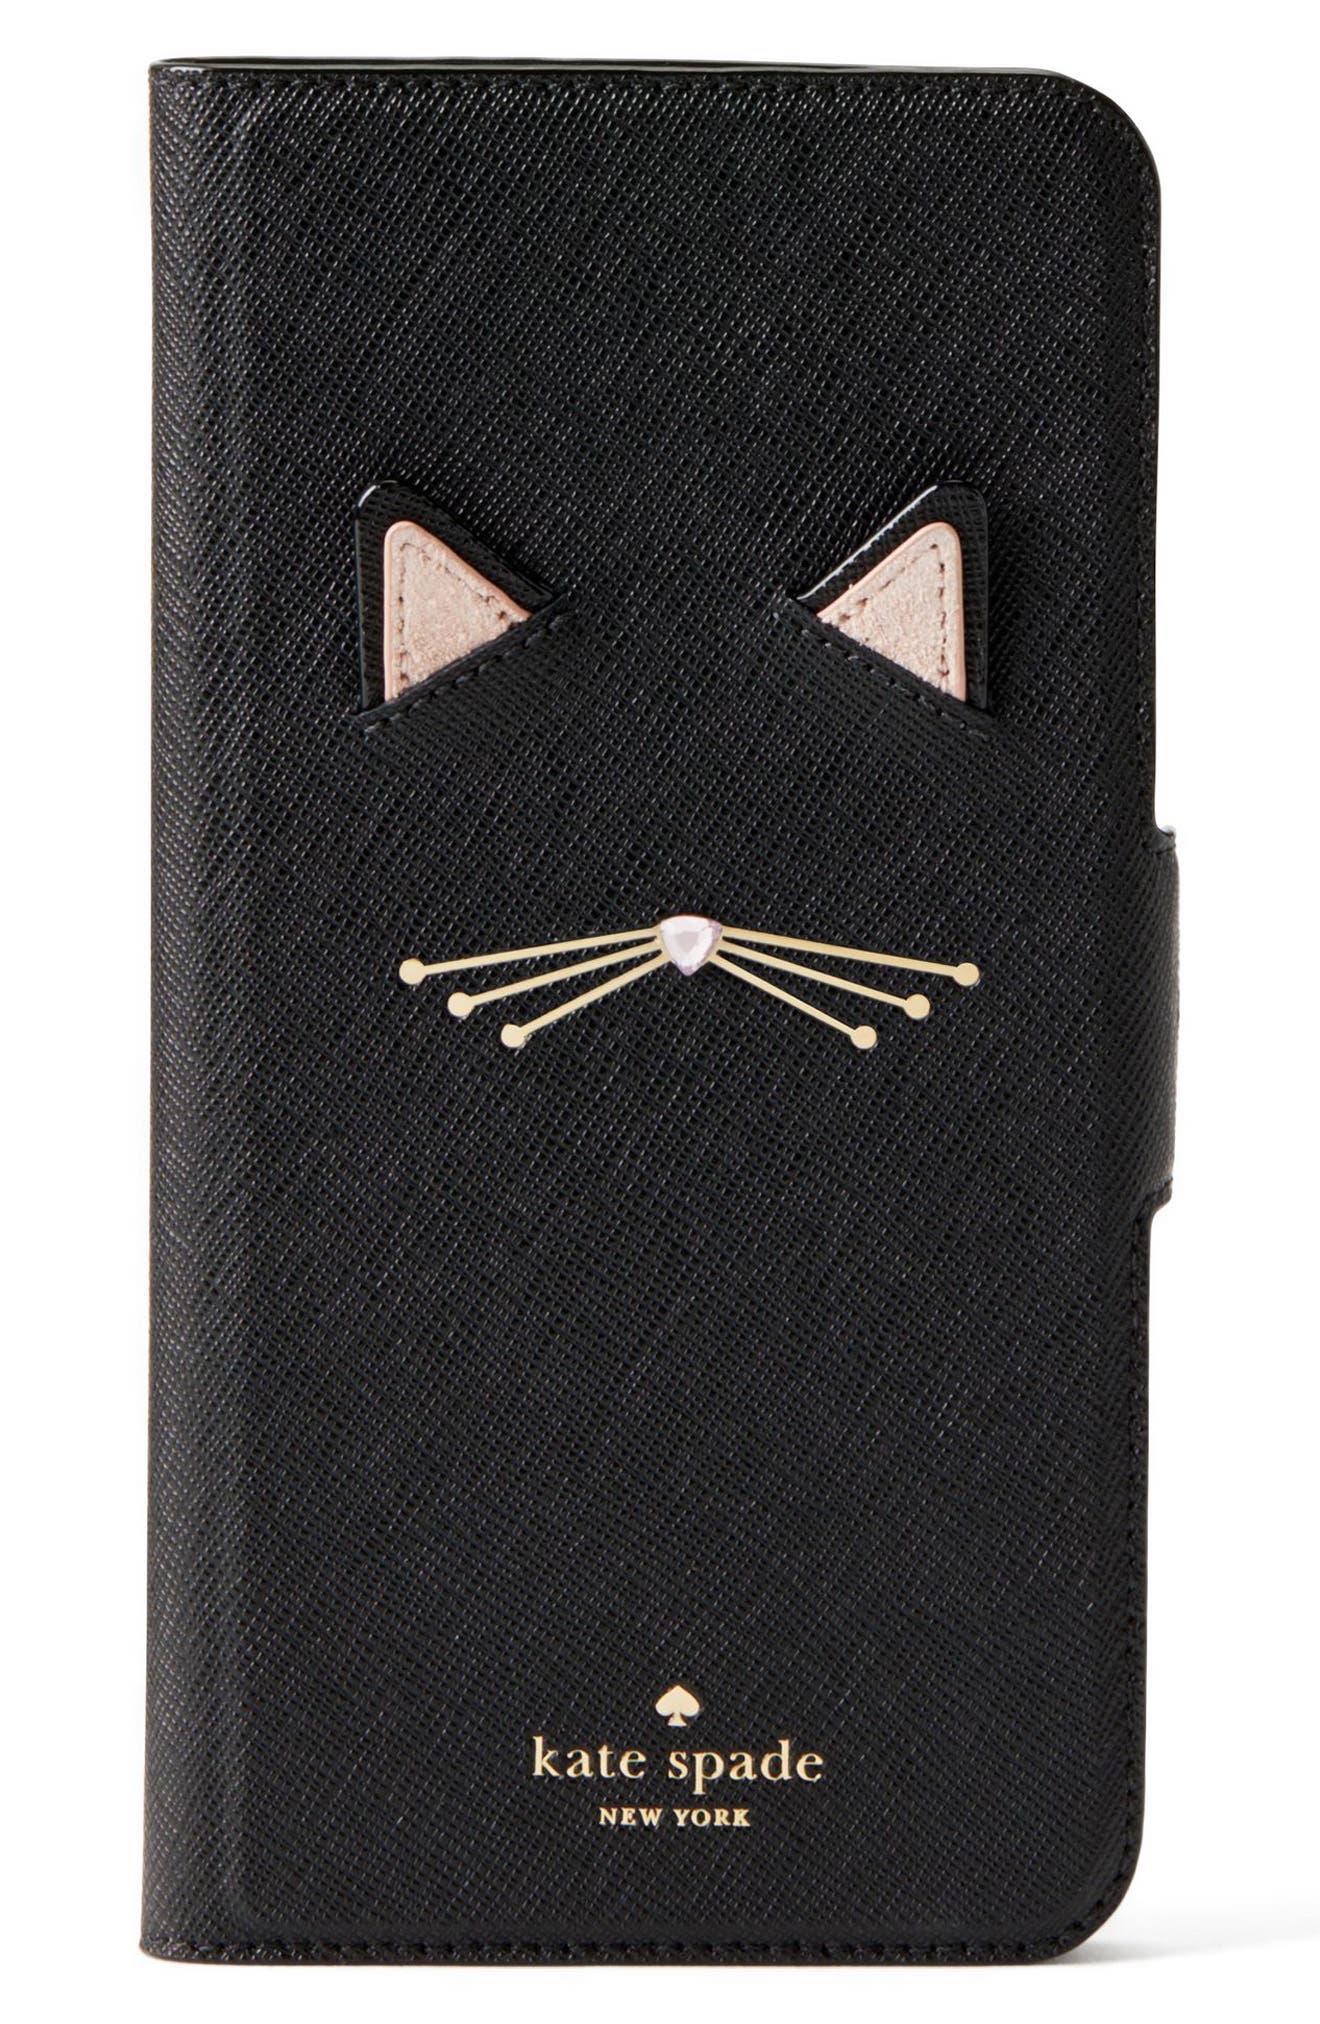 KATE SPADE NEW YORK,                             cat appliqué iPhone 7/8 & 7/8 Plus folio case,                             Main thumbnail 1, color,                             001